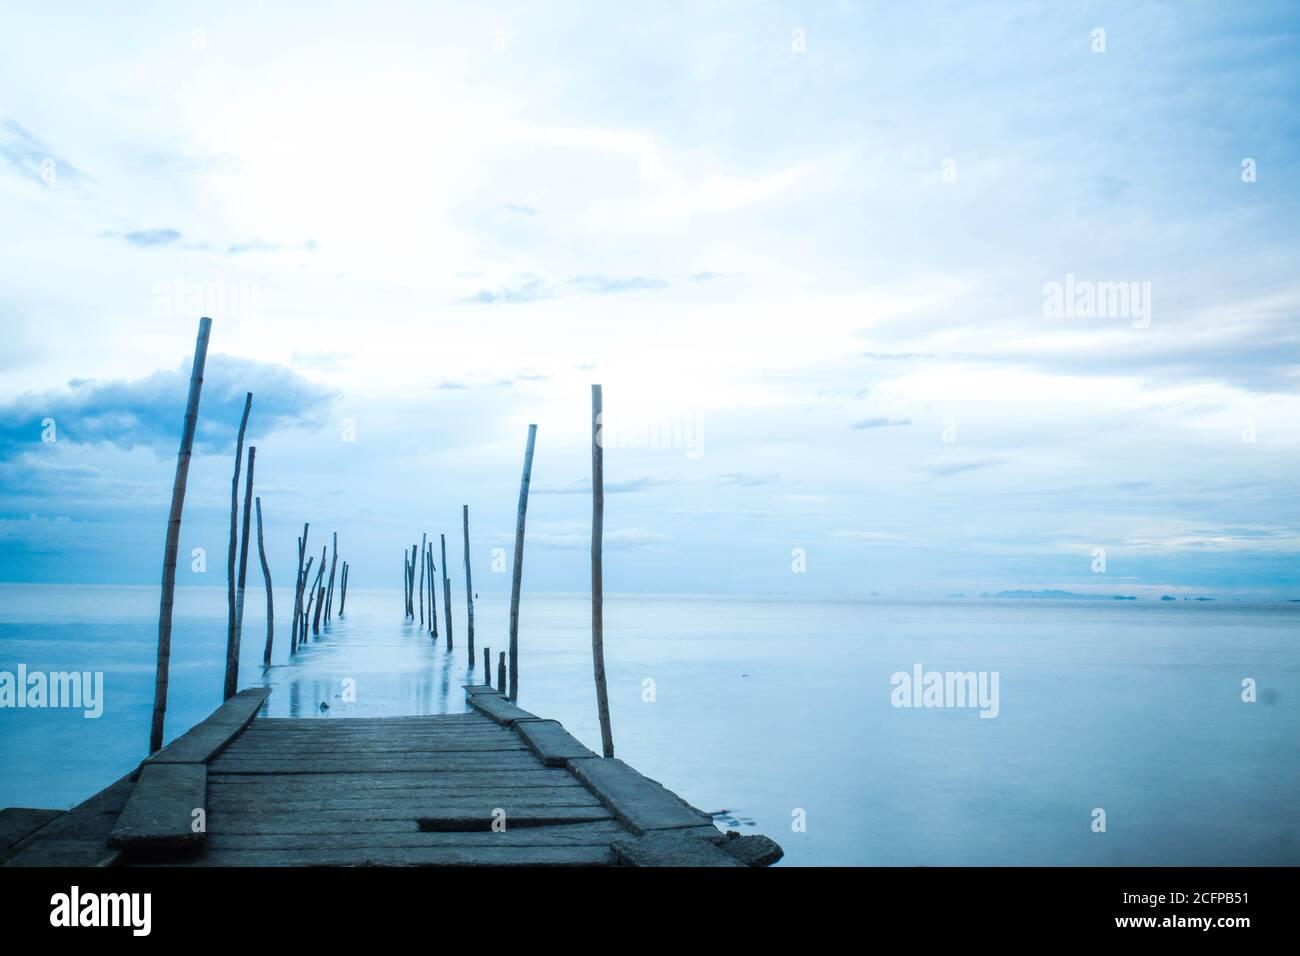 Photographie en longue exposition d'un pont en bois dans la mer bleue Banque D'Images